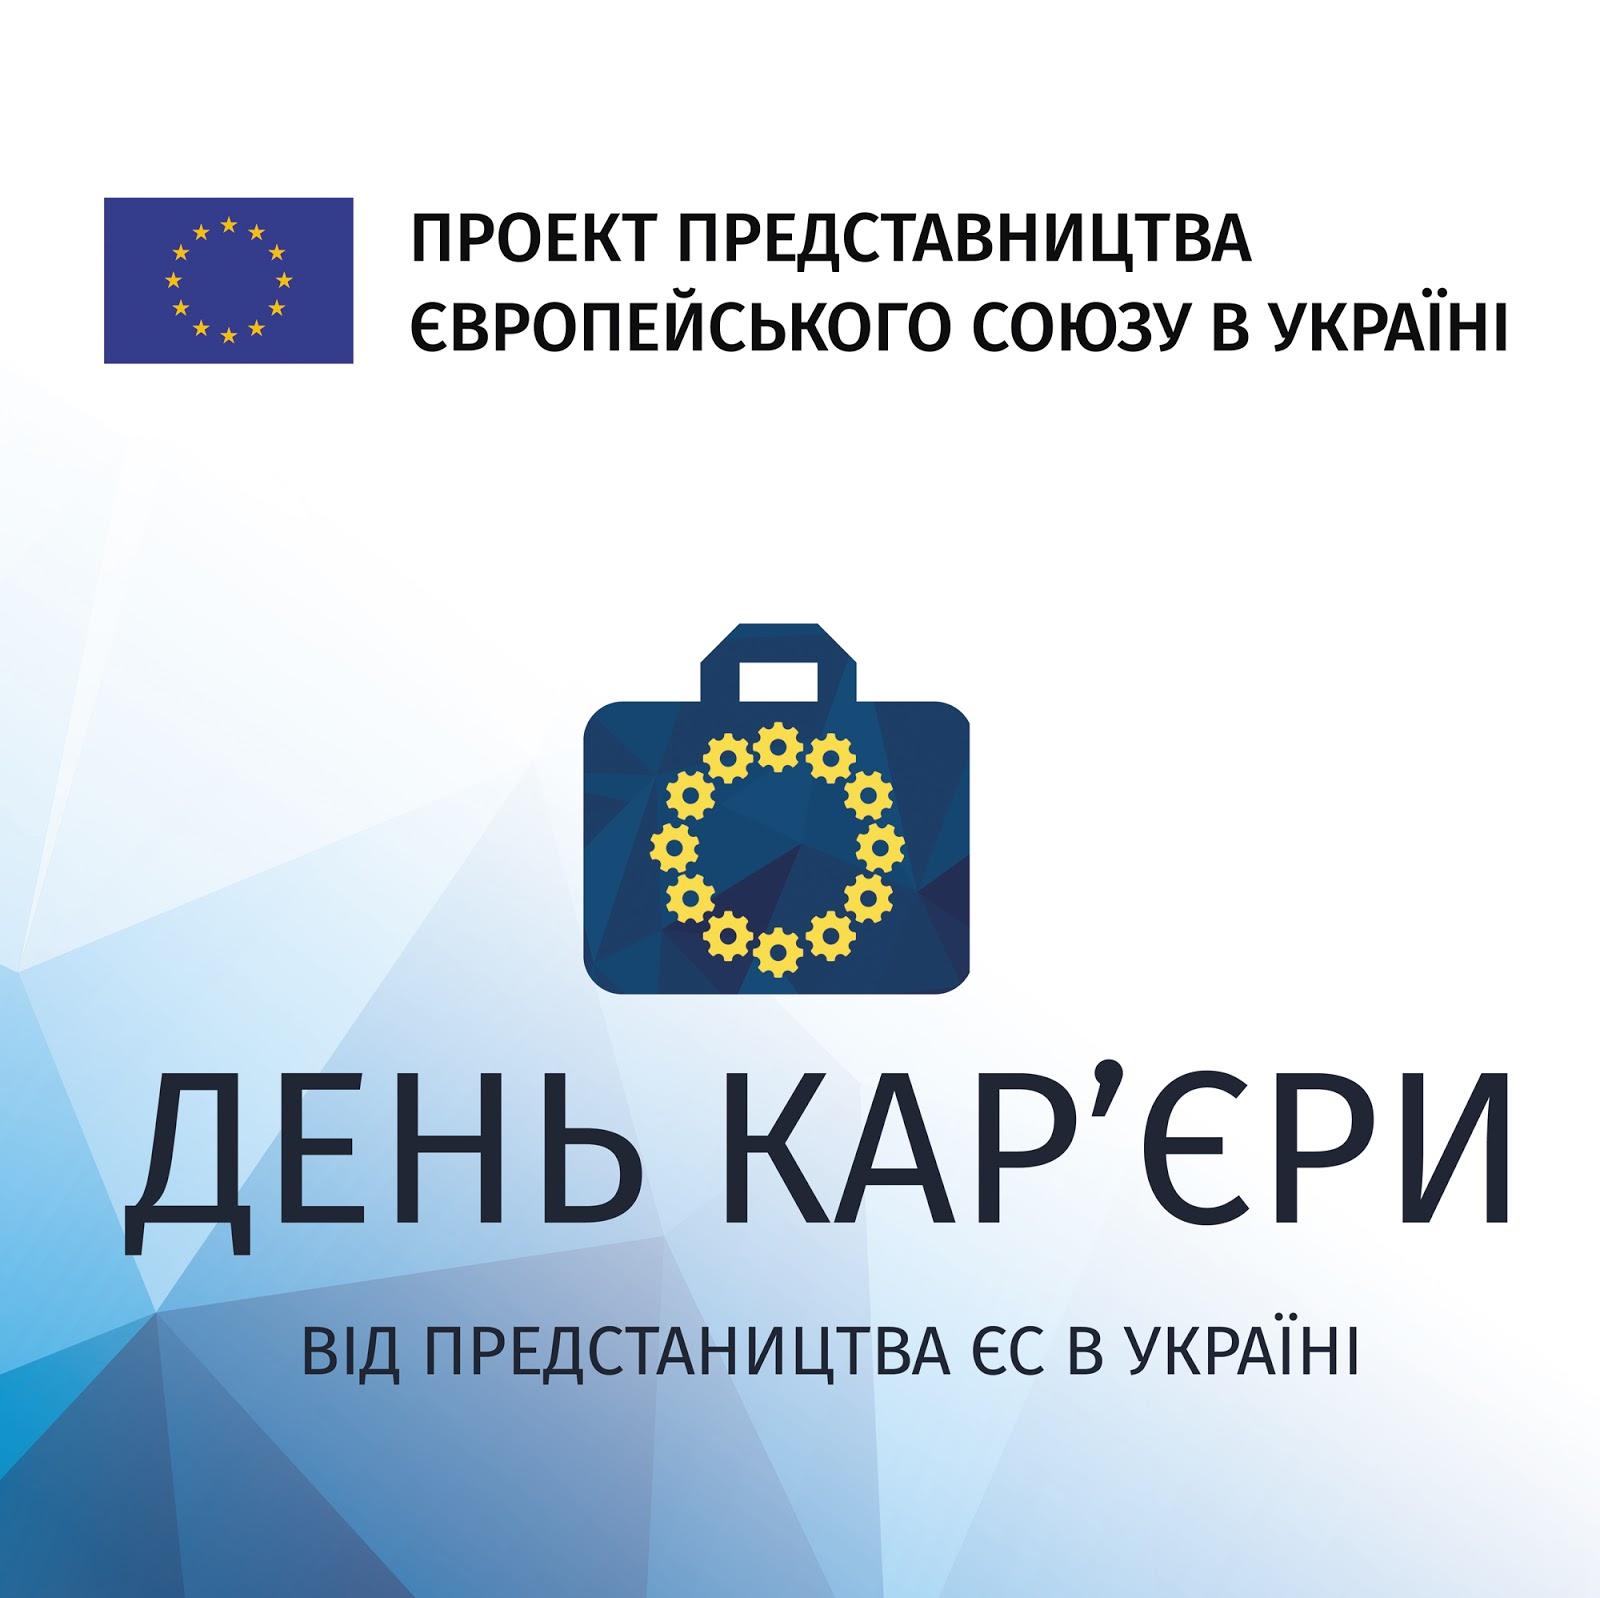 Представництво ЄС проведе у Харкові «День кар'єри ЄС»